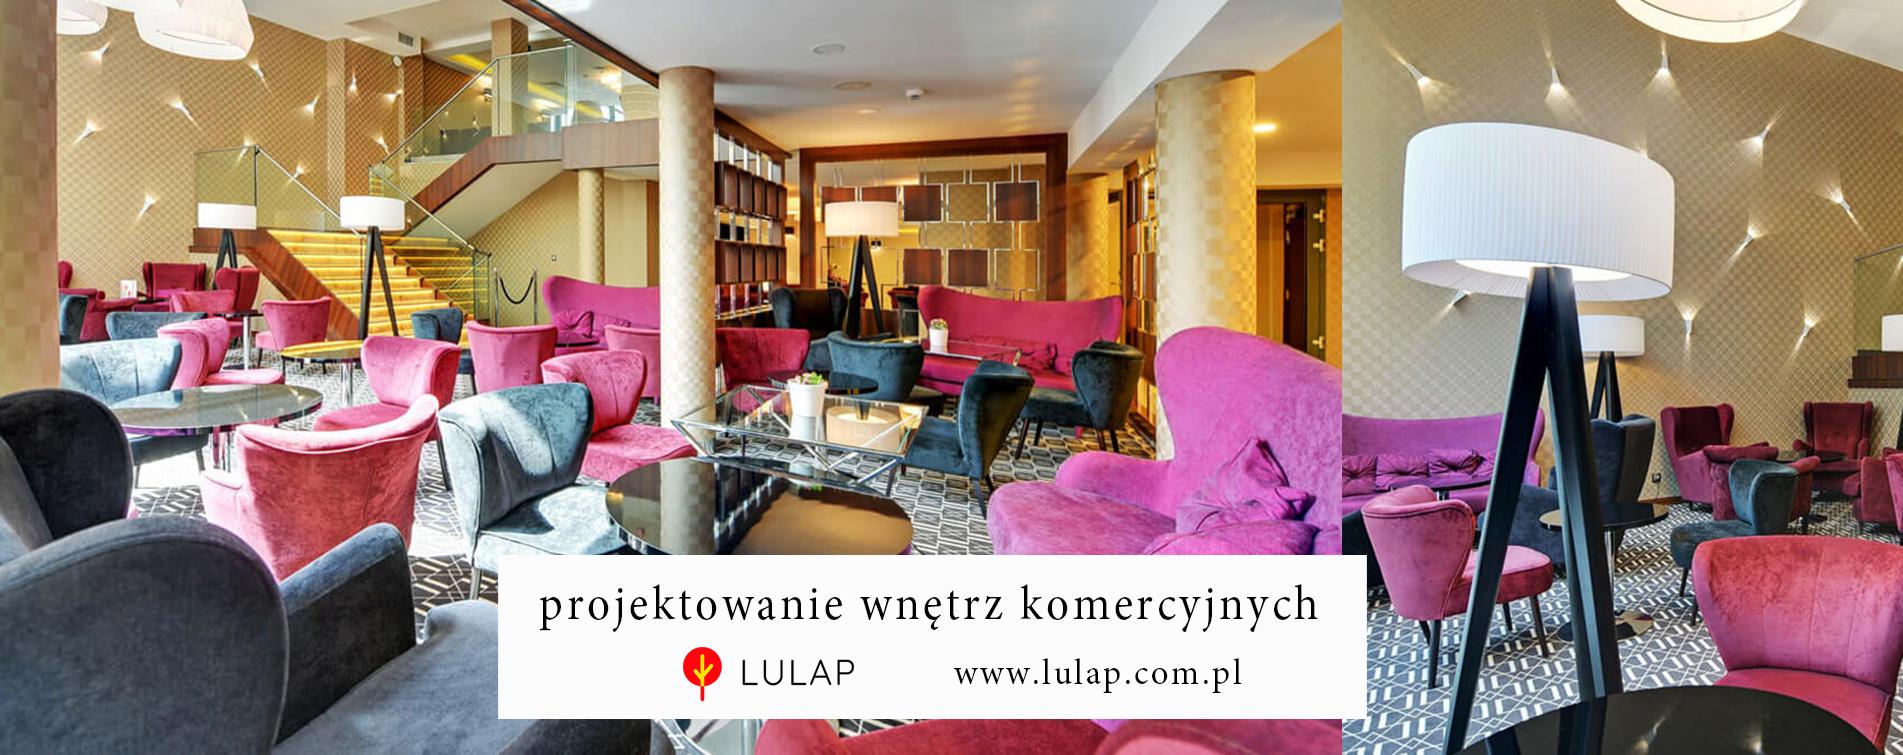 projekty_wnetrz_komercyjnych_horeca1.png